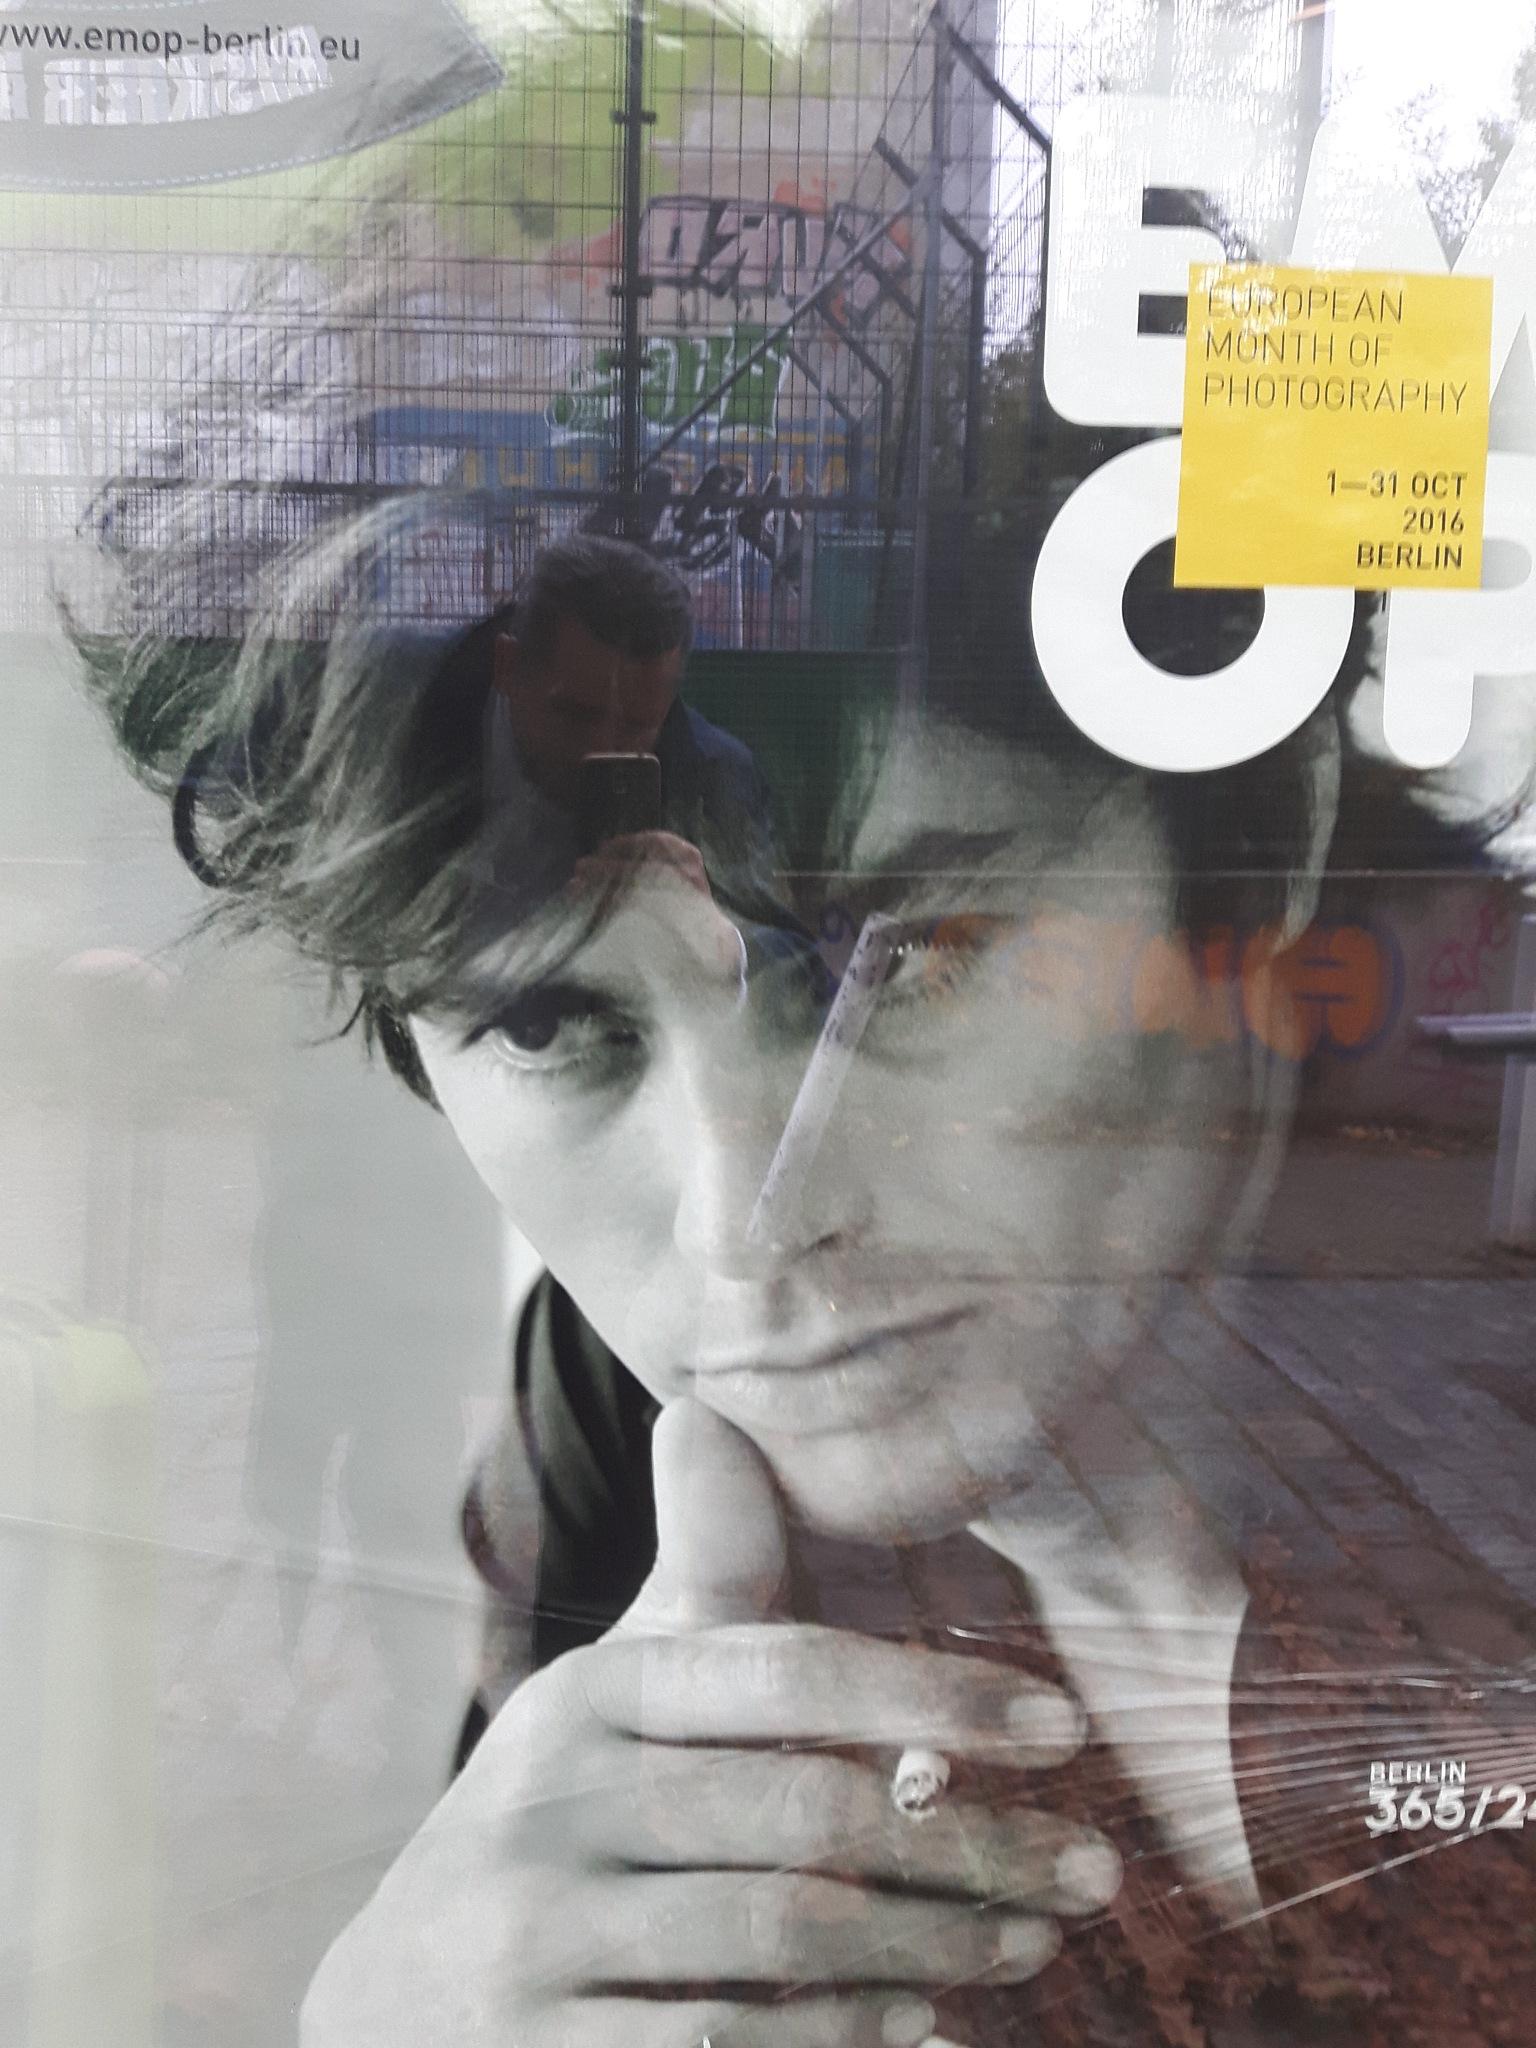 Alain Delon in Shop window by Mevludin_Hasanovic